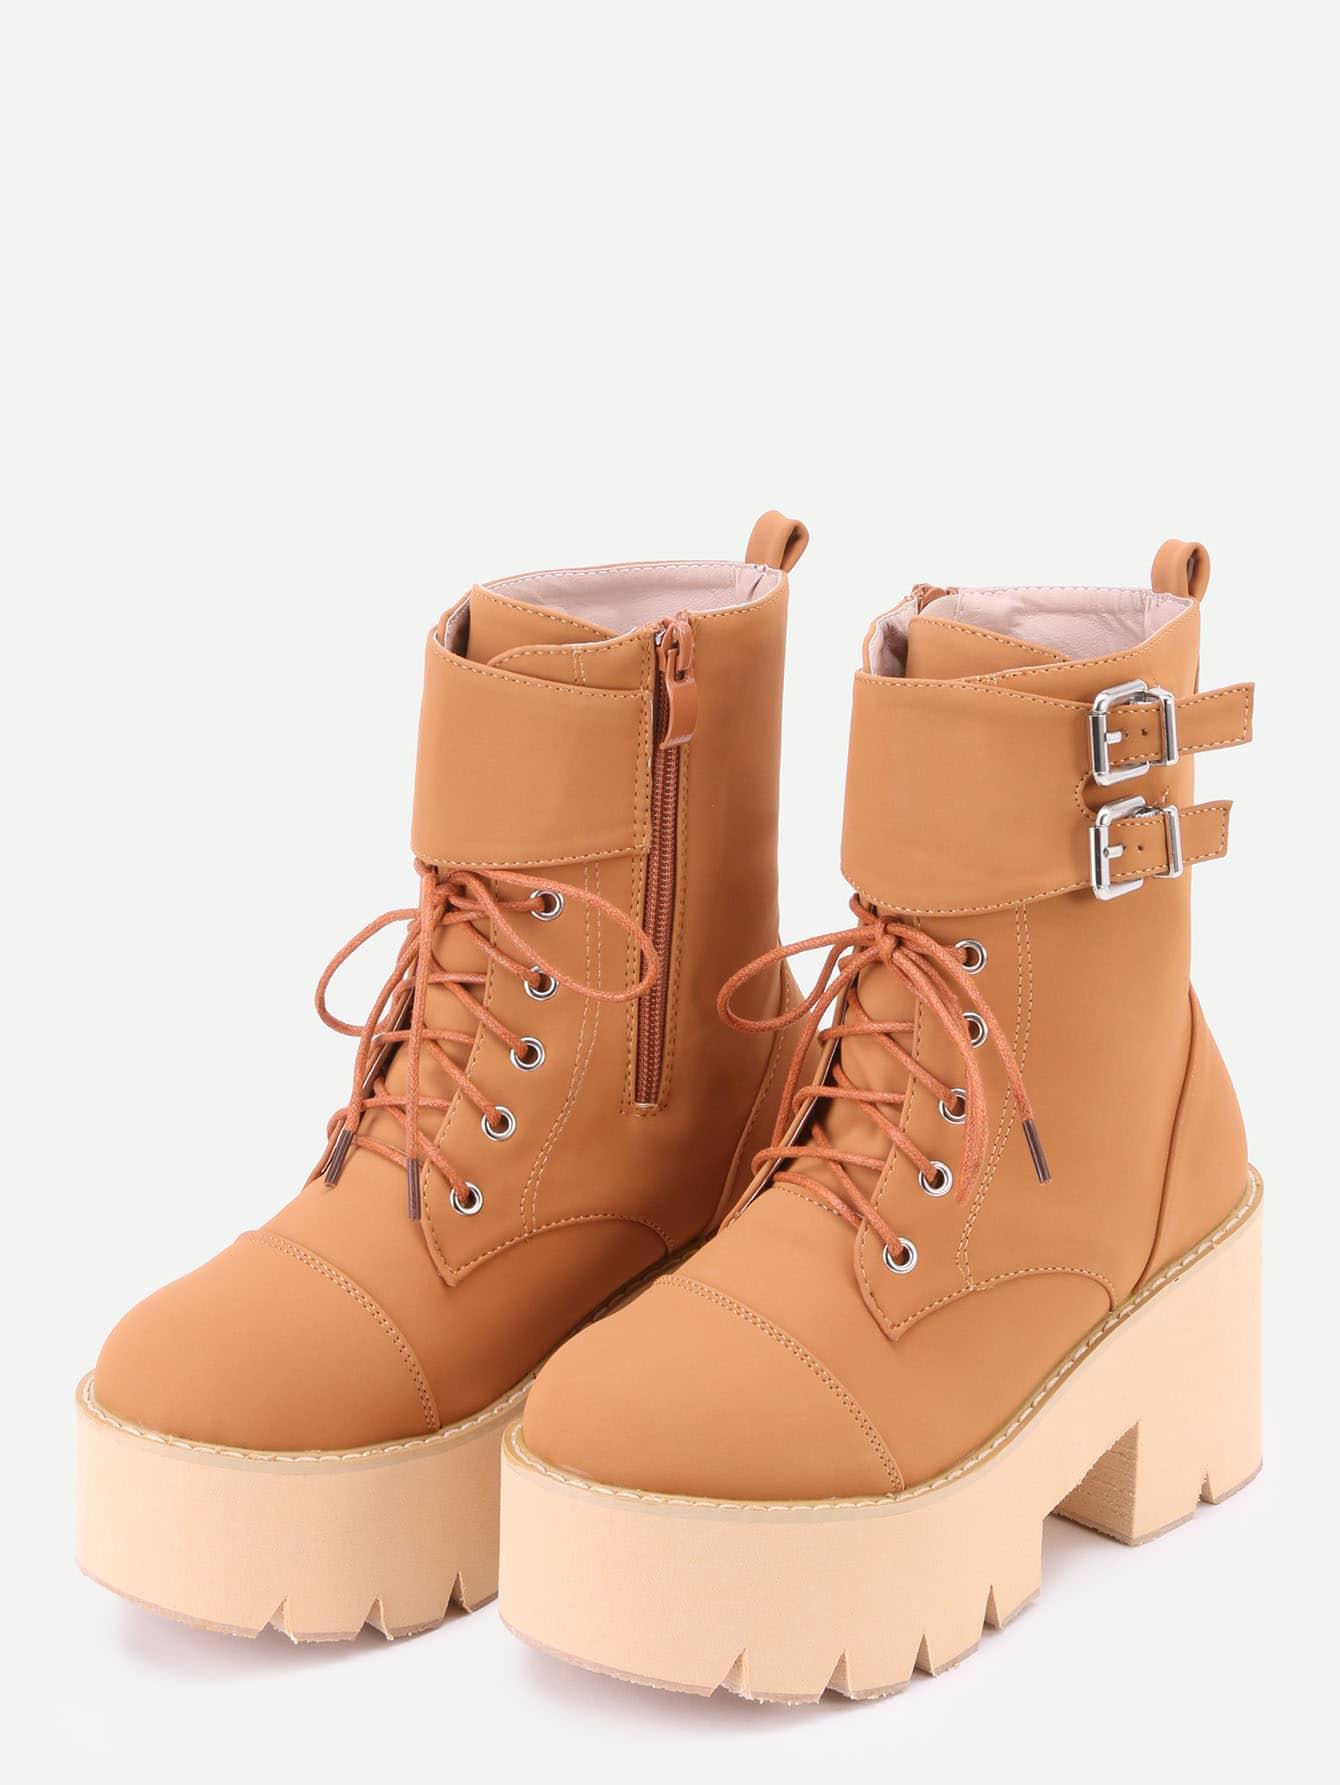 shoes160927810_2